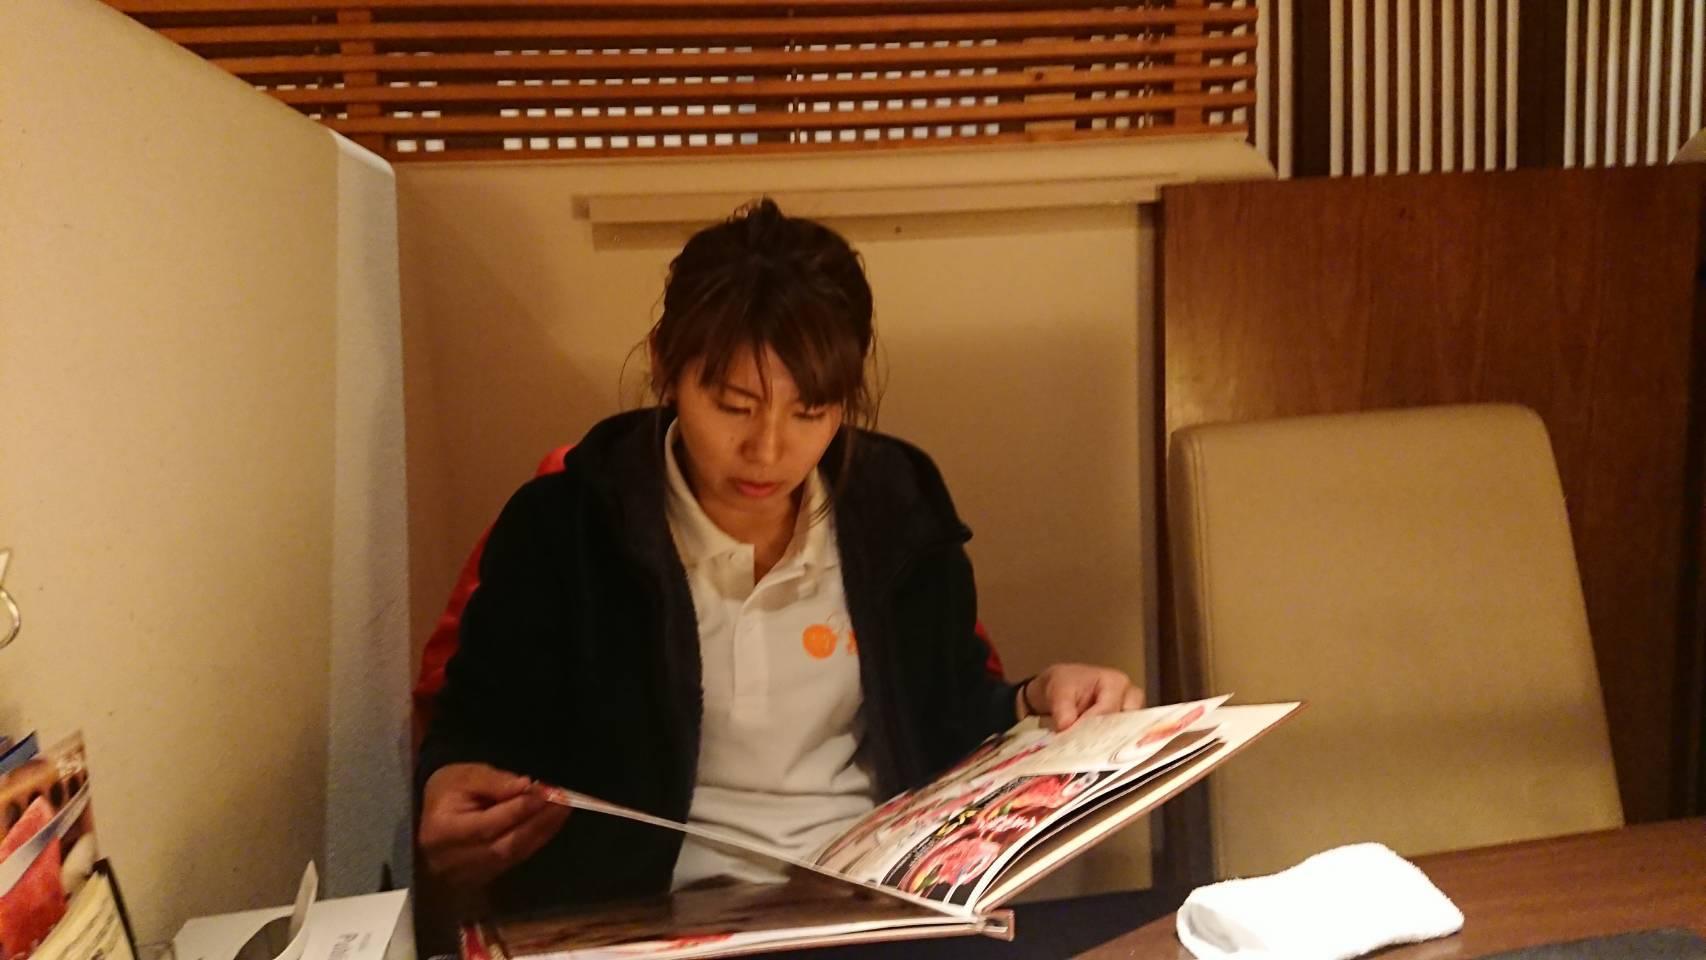 3月13日(火)☆TOMMYアウトレット☆あゆブログ(。・ω・。)3月末まで決算SALE開催中♪新在続々入荷中☆_b0127002_16524851.jpg